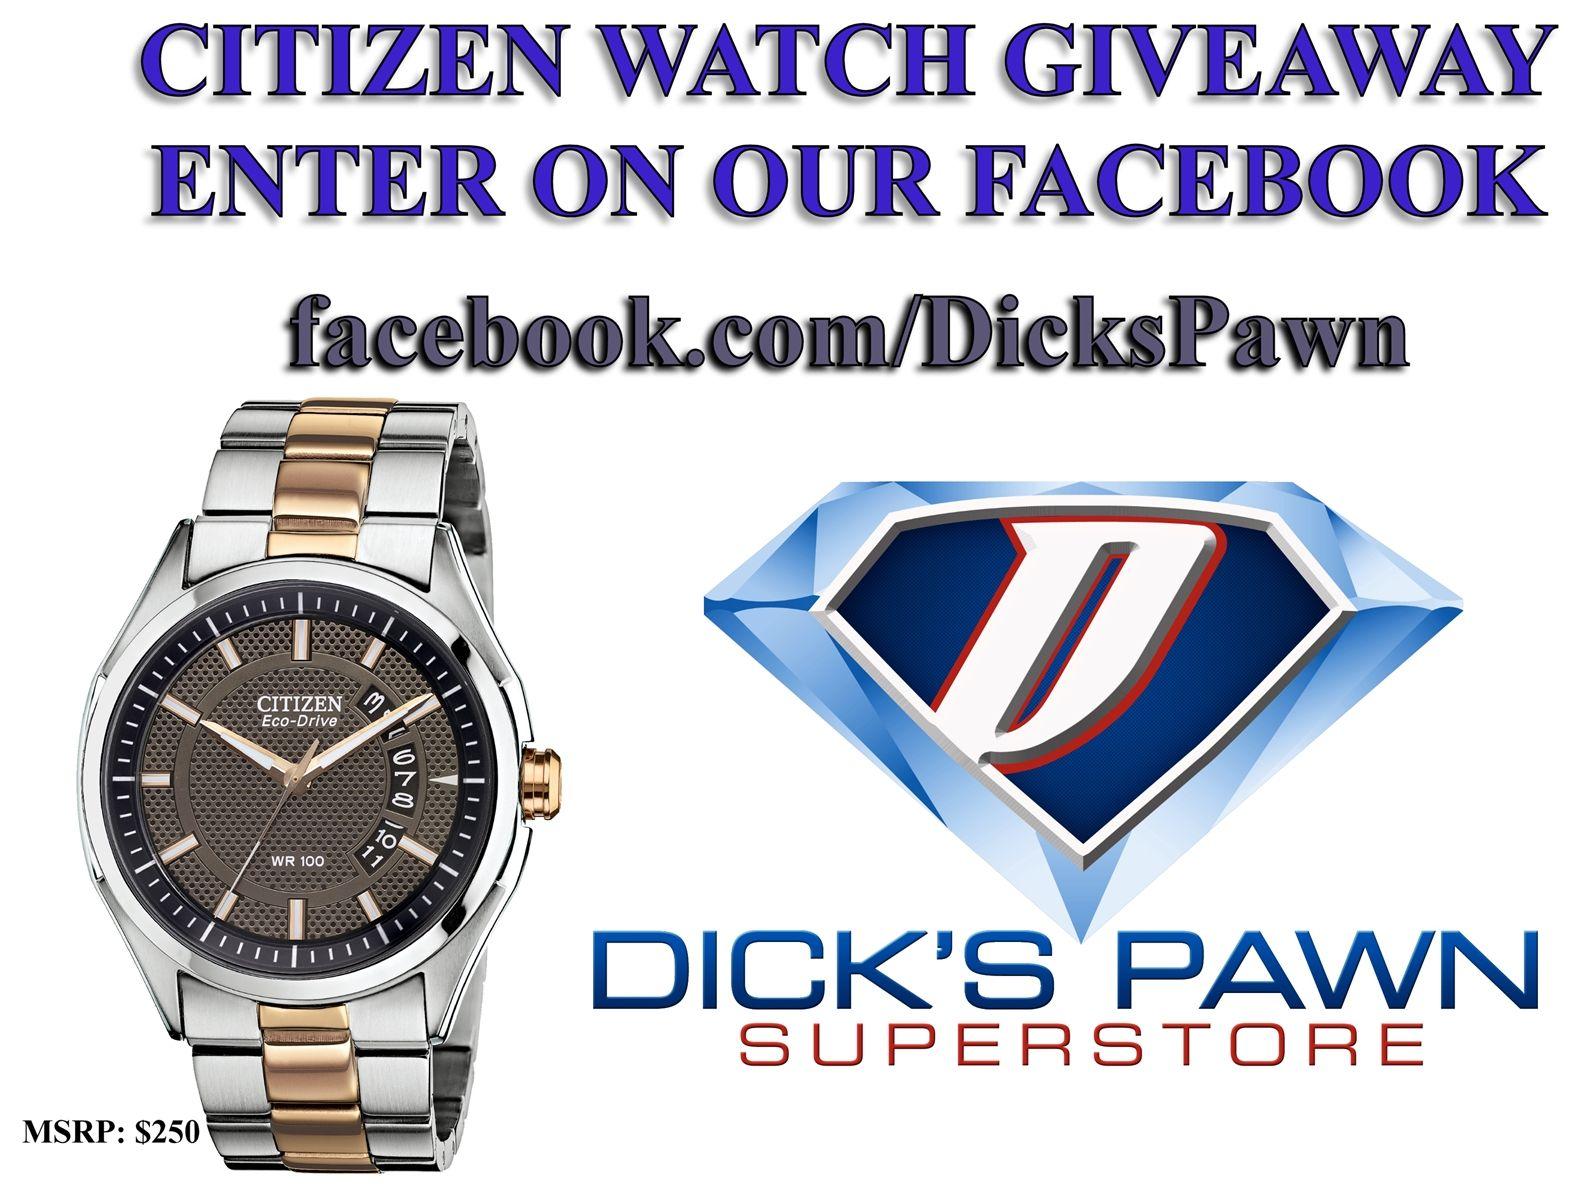 Citizen Watch Giveaway! https://www.facebook.com/dickspawn